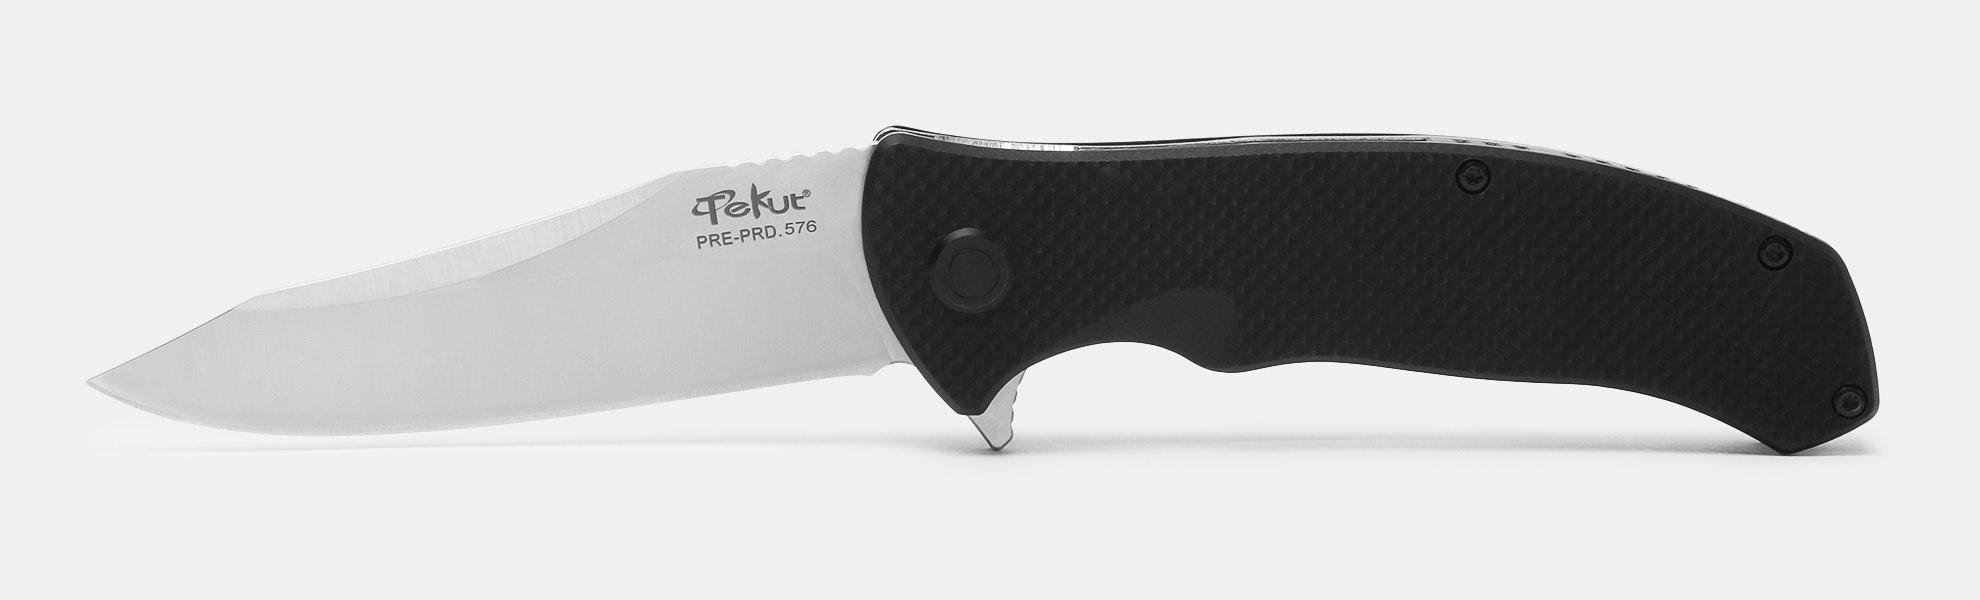 Tekut Tough Folding Knife